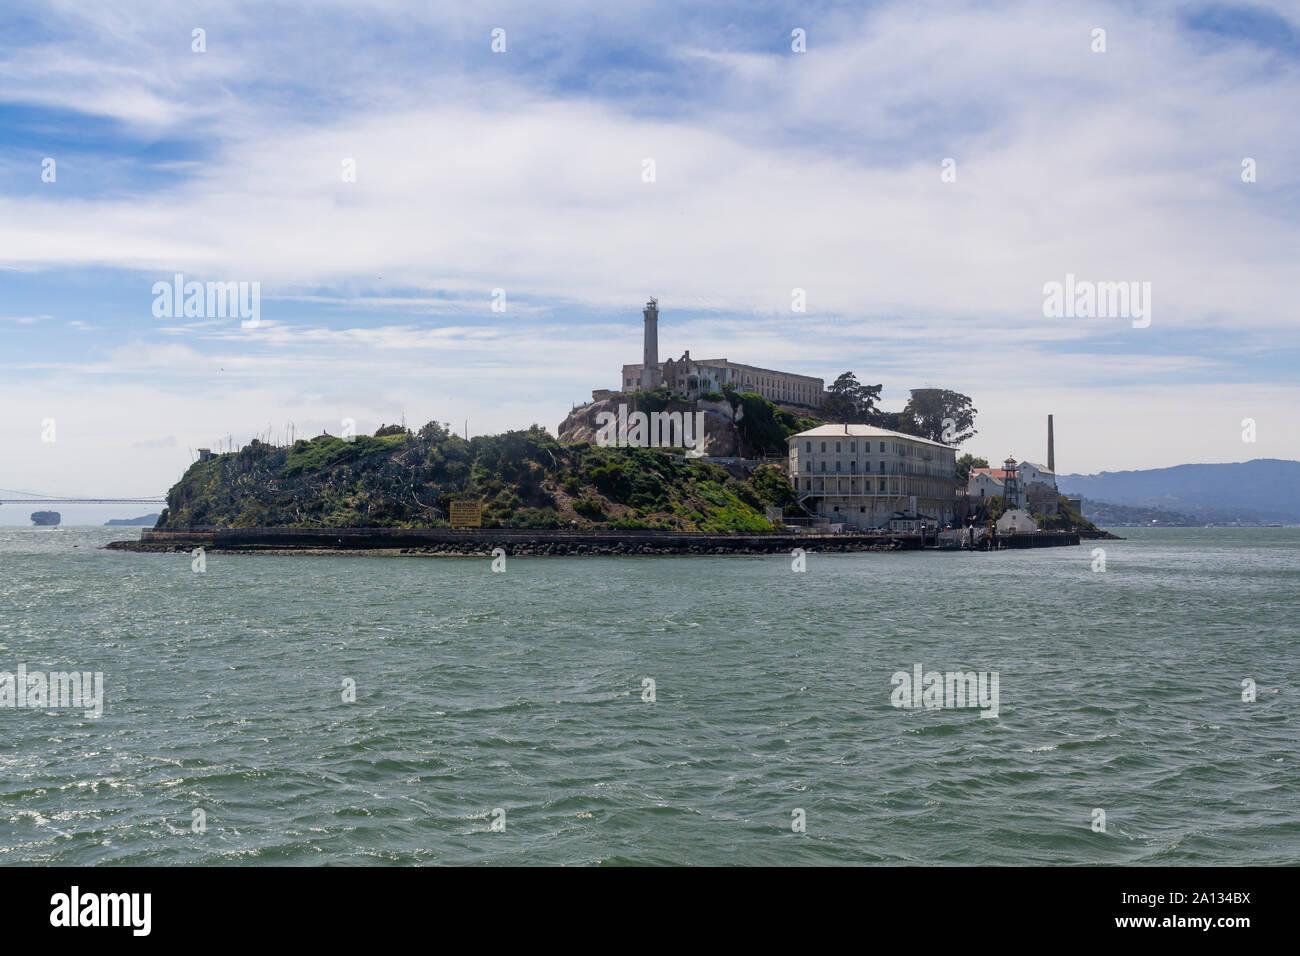 Alcatraz island in San Francisco bay, USA Stock Photo